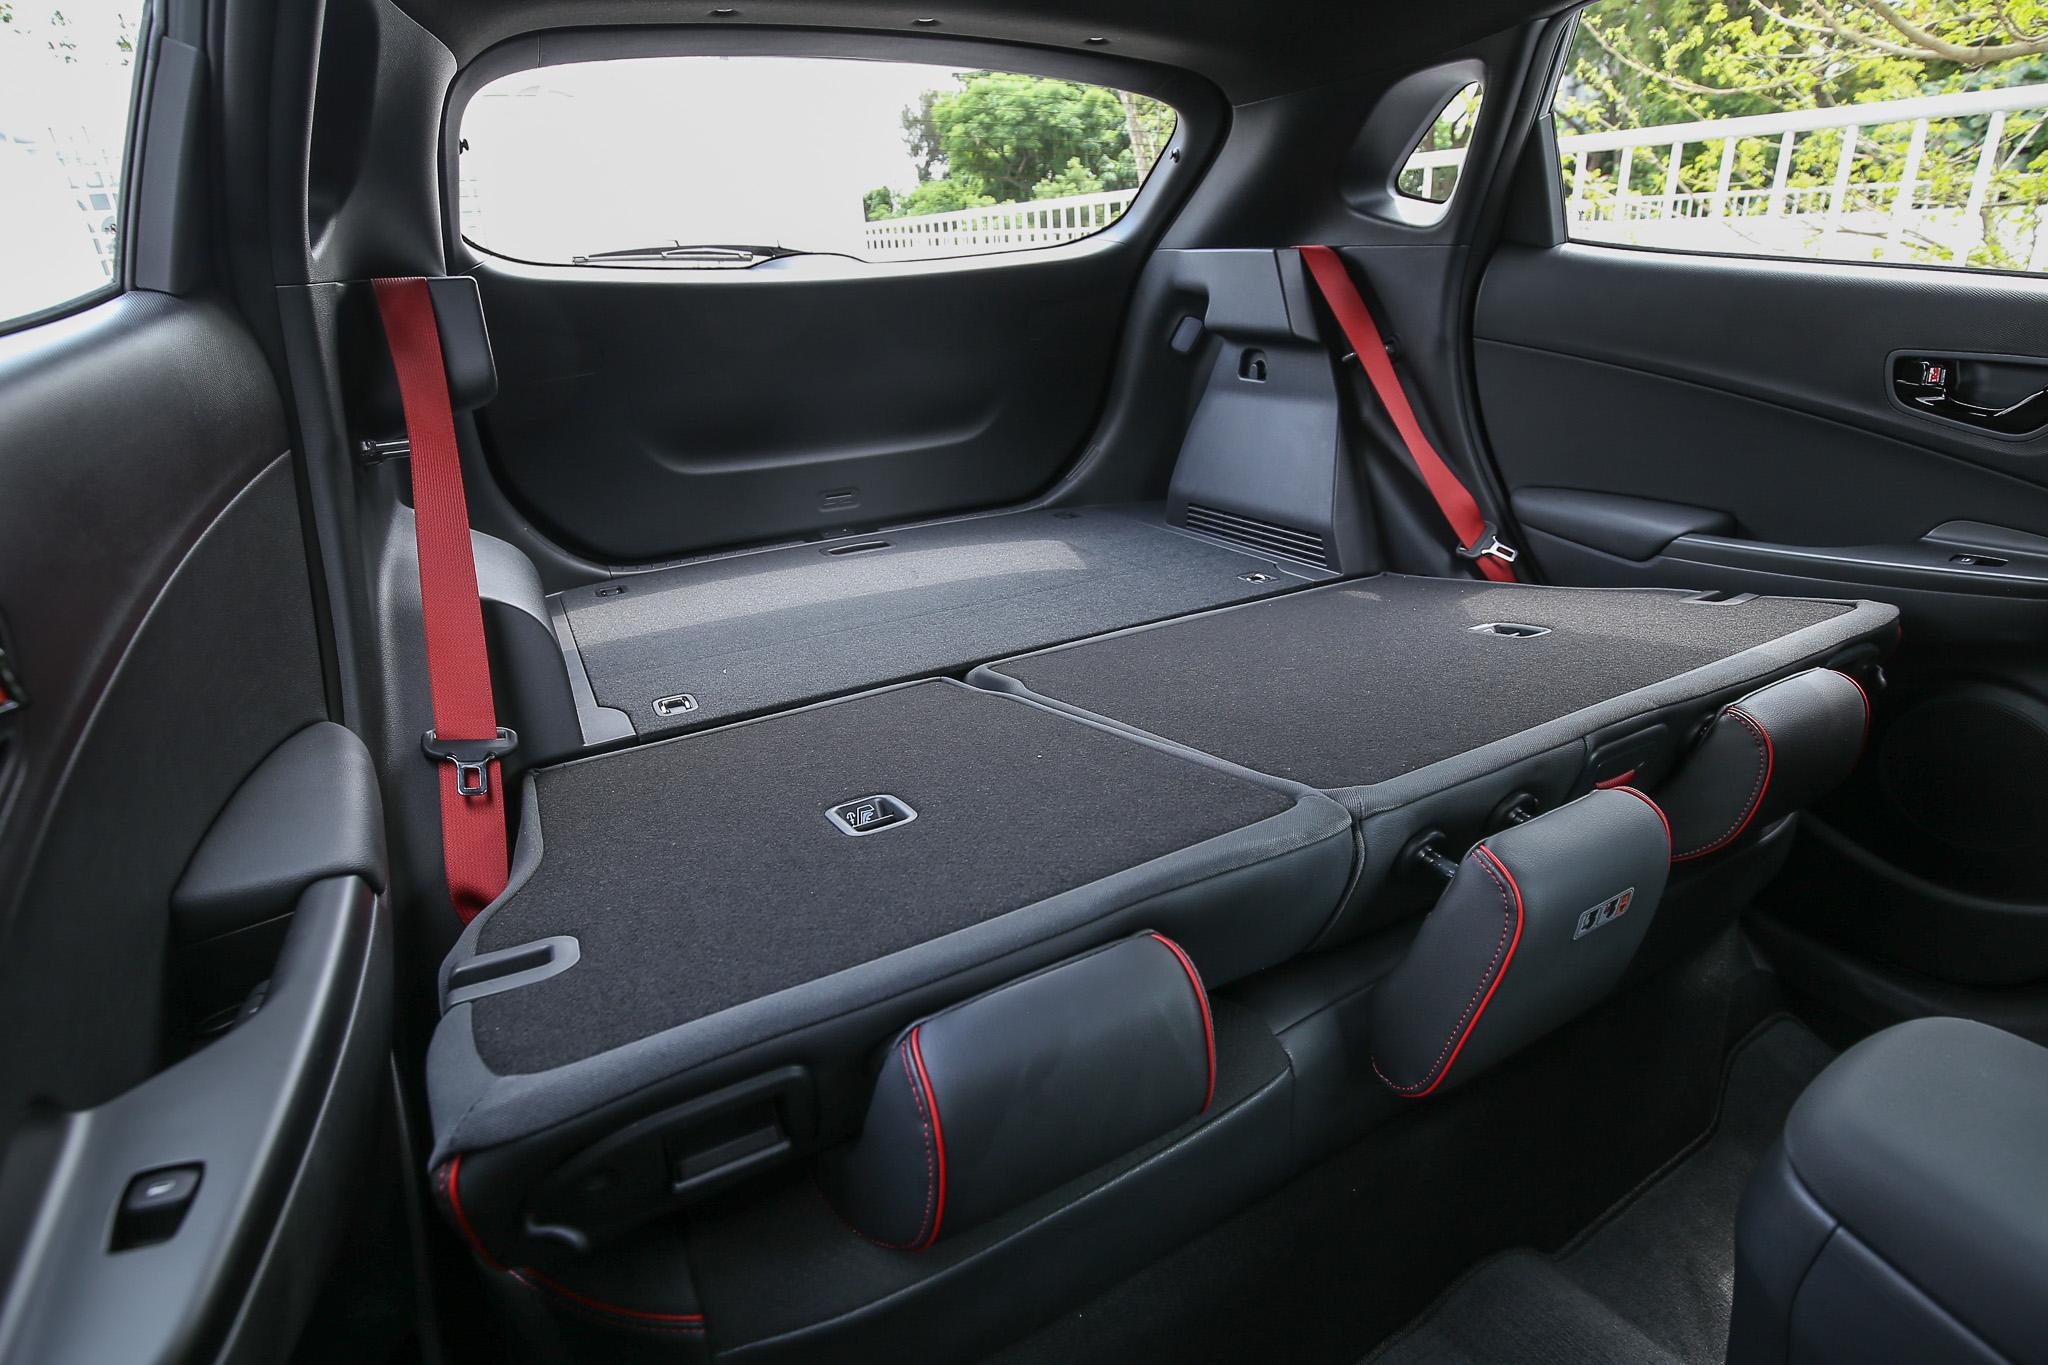 行李廂容積與汽油車款相同,標準乘坐時皆為  361 公升,還可透過後座椅的 6/4 傾倒機制進一步擴充置物容積。